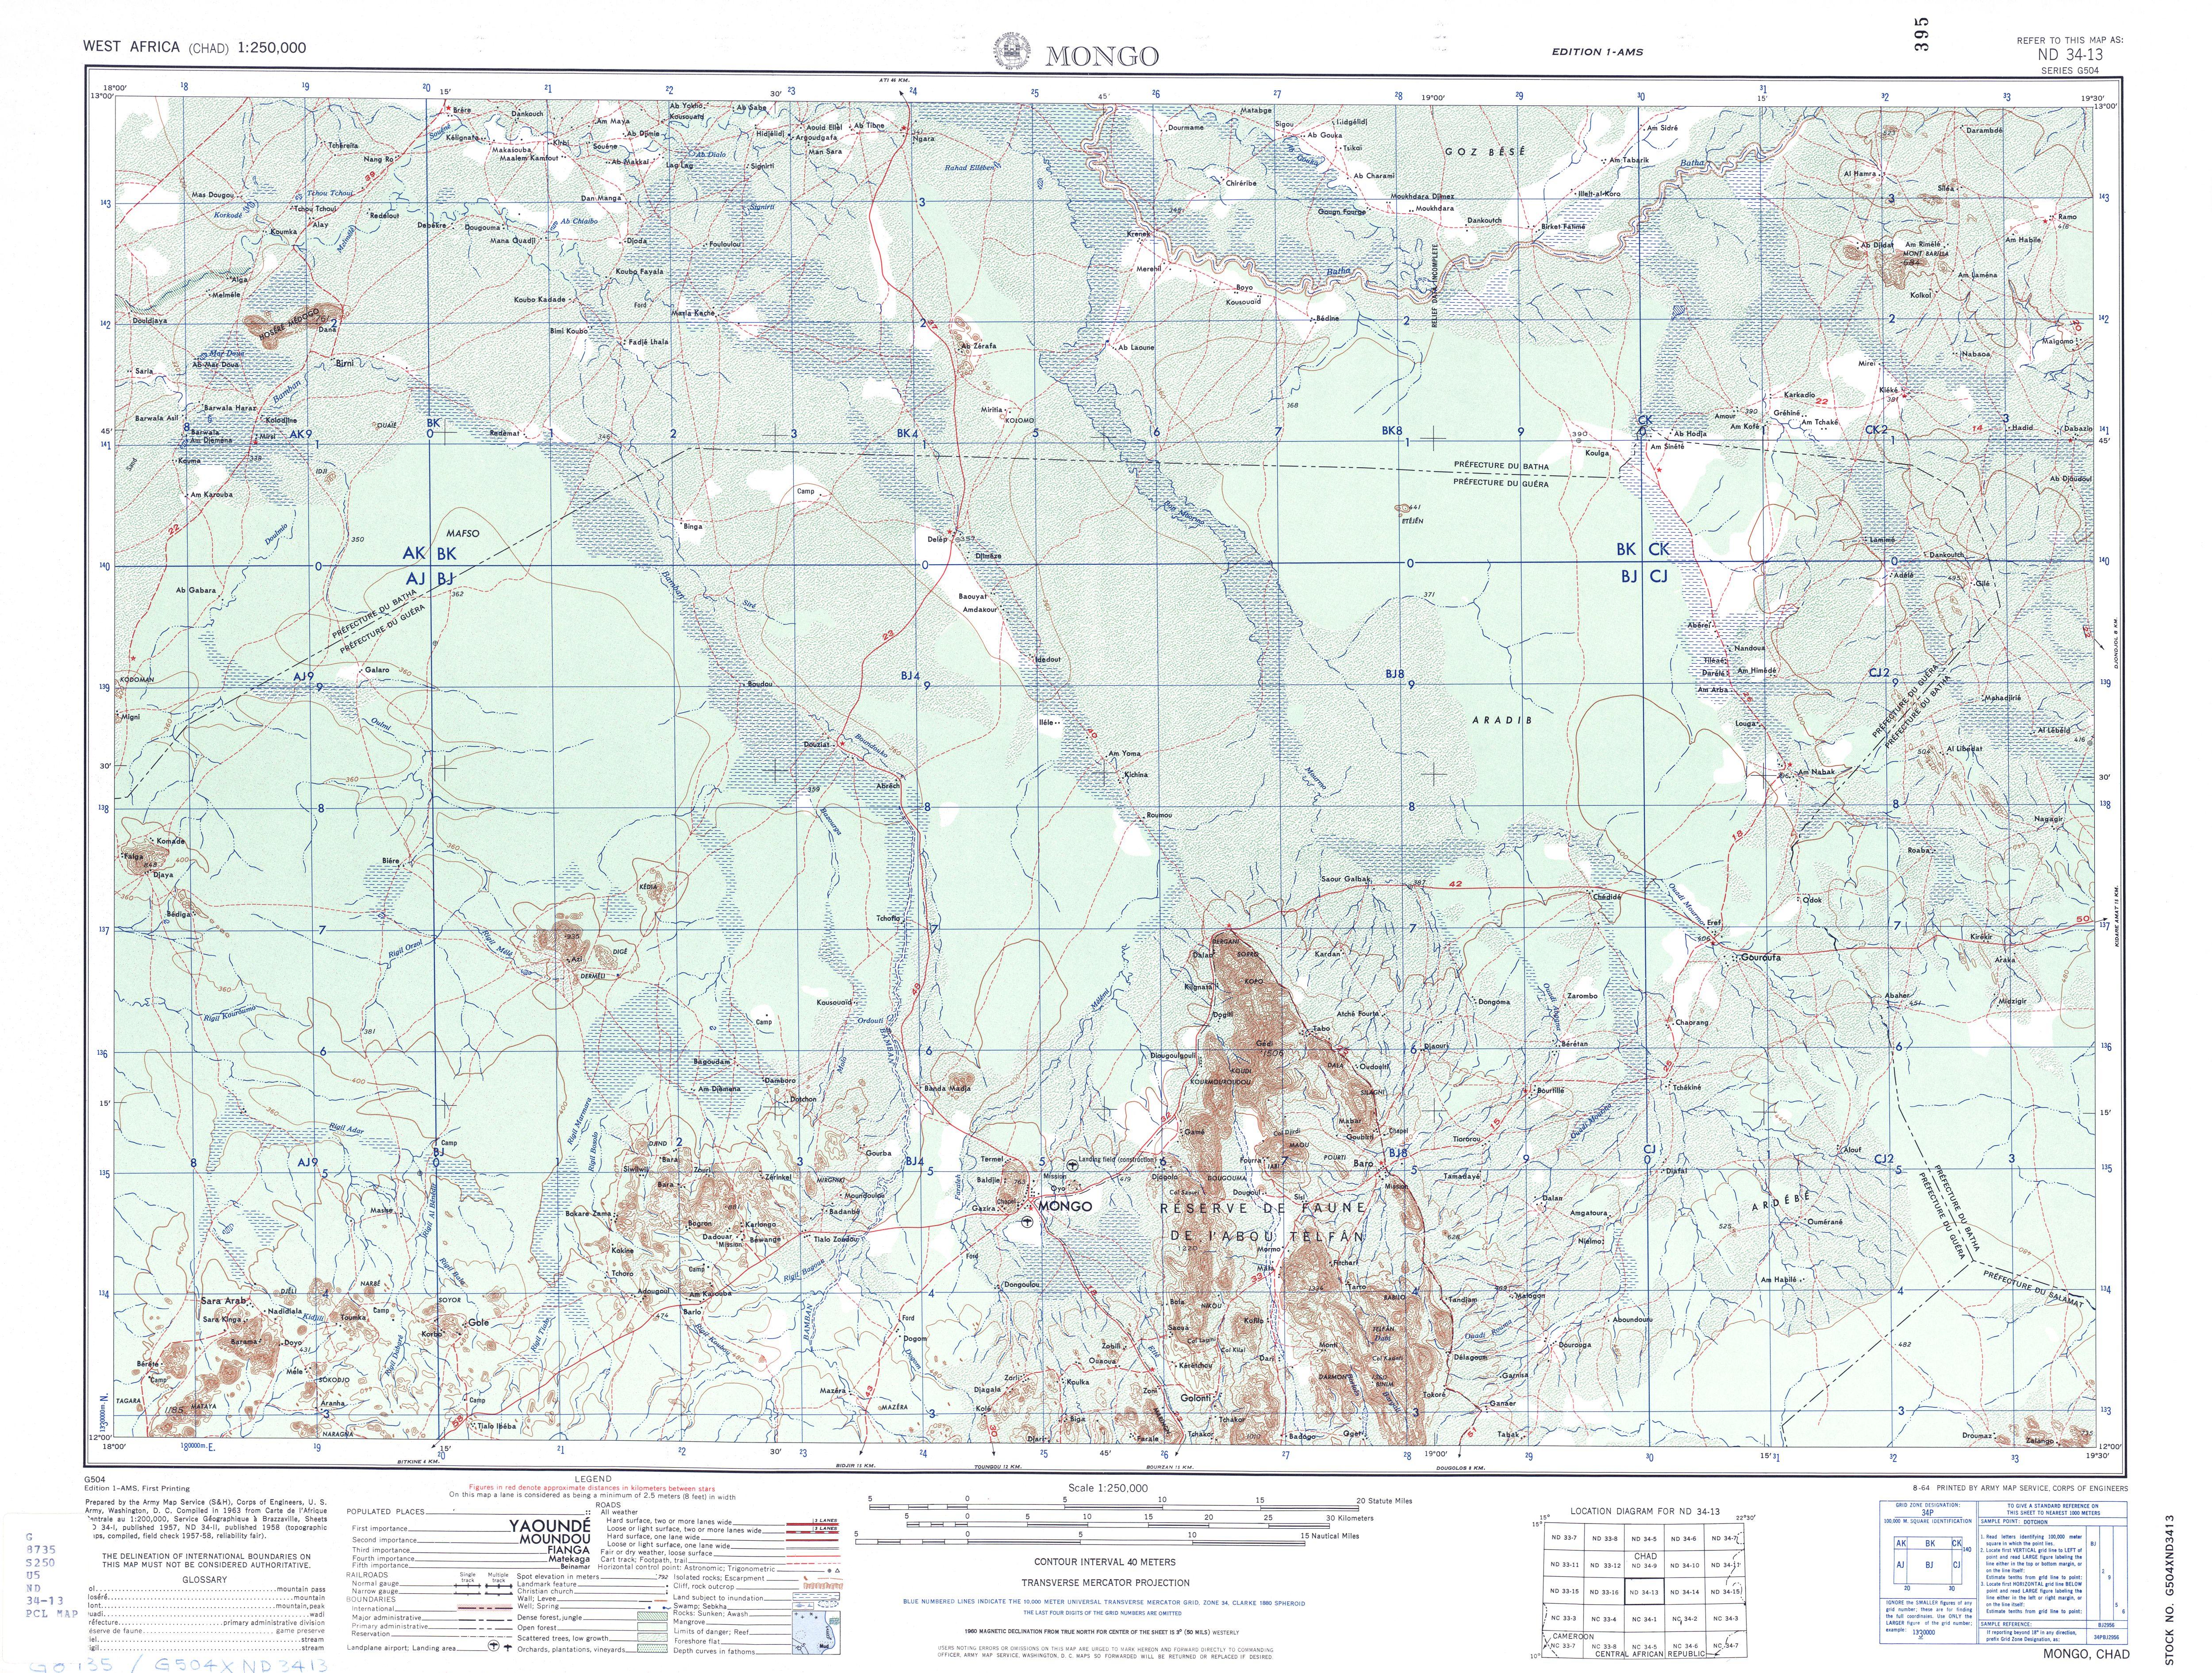 Hoja Mongo del Mapa Topográfico de África Occidental 1955